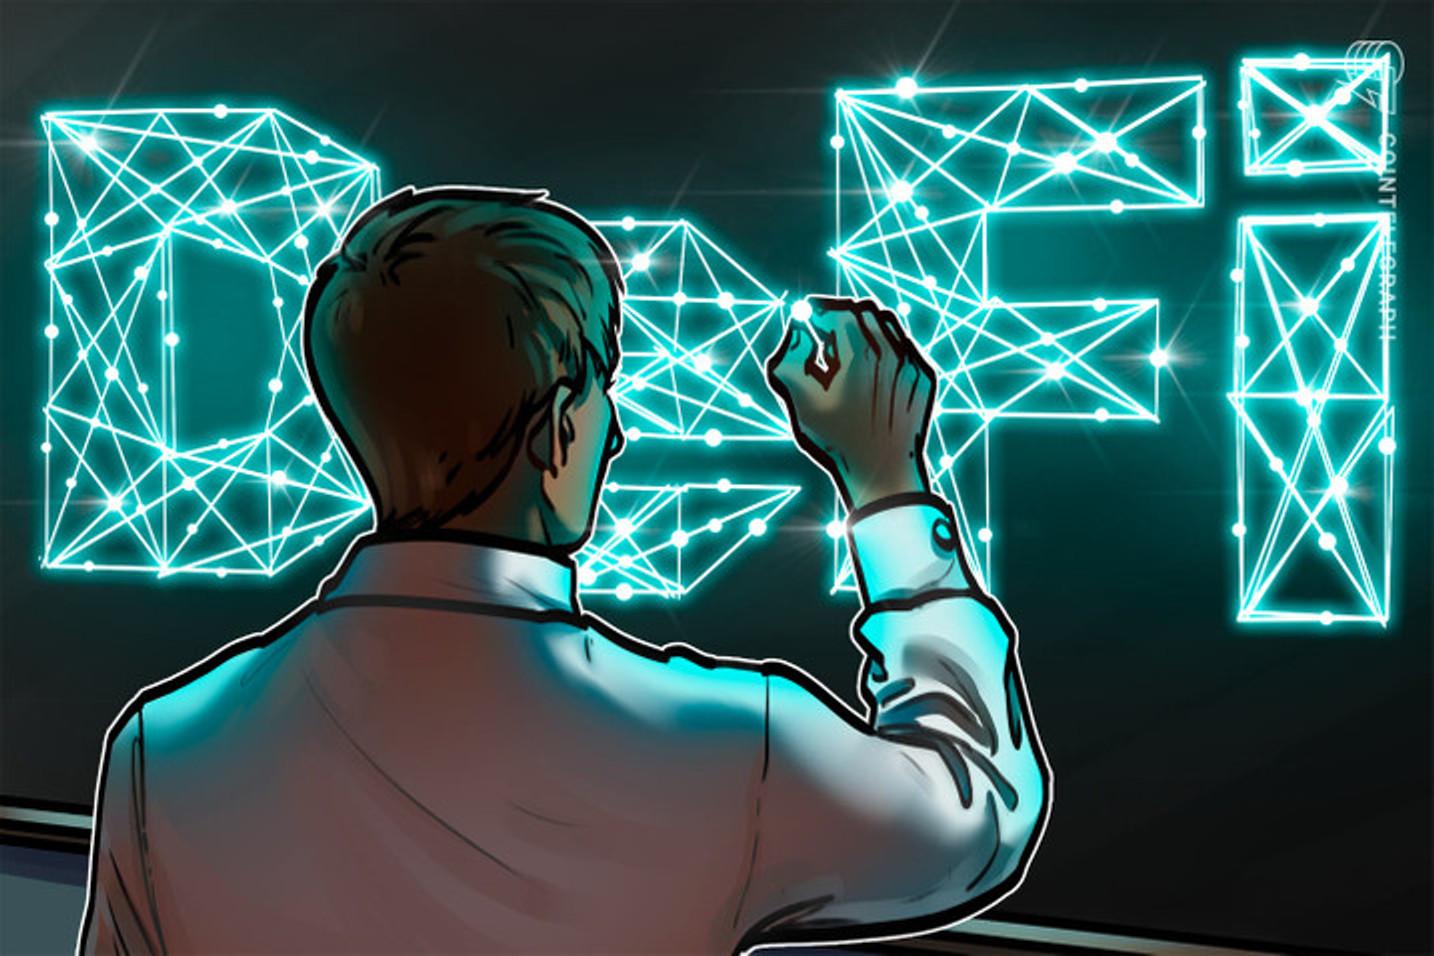 'DeFi estão engolindo o mundo financeiro', diz CEO da exchange Kraken